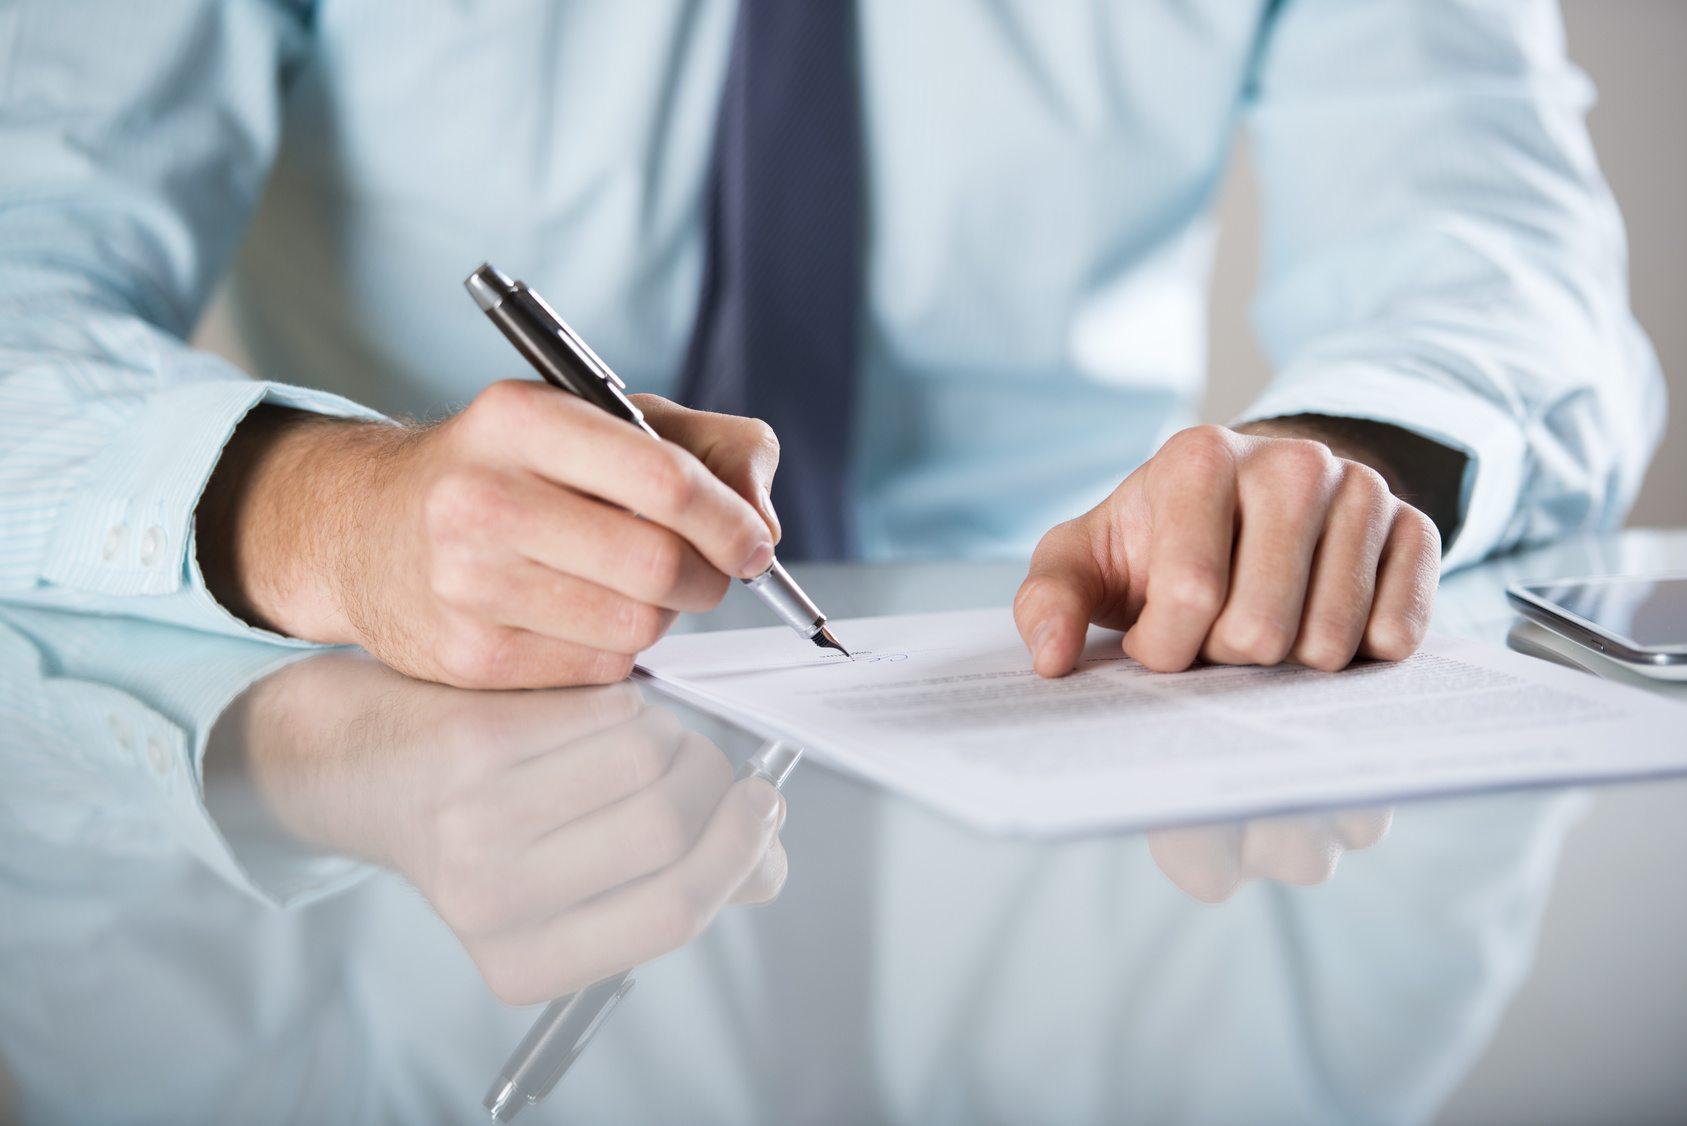 Termin przedawnienia roszczeń do zakładu ubezpieczeń z tytułu ubezpieczenia odpowiedzialności cywilnej